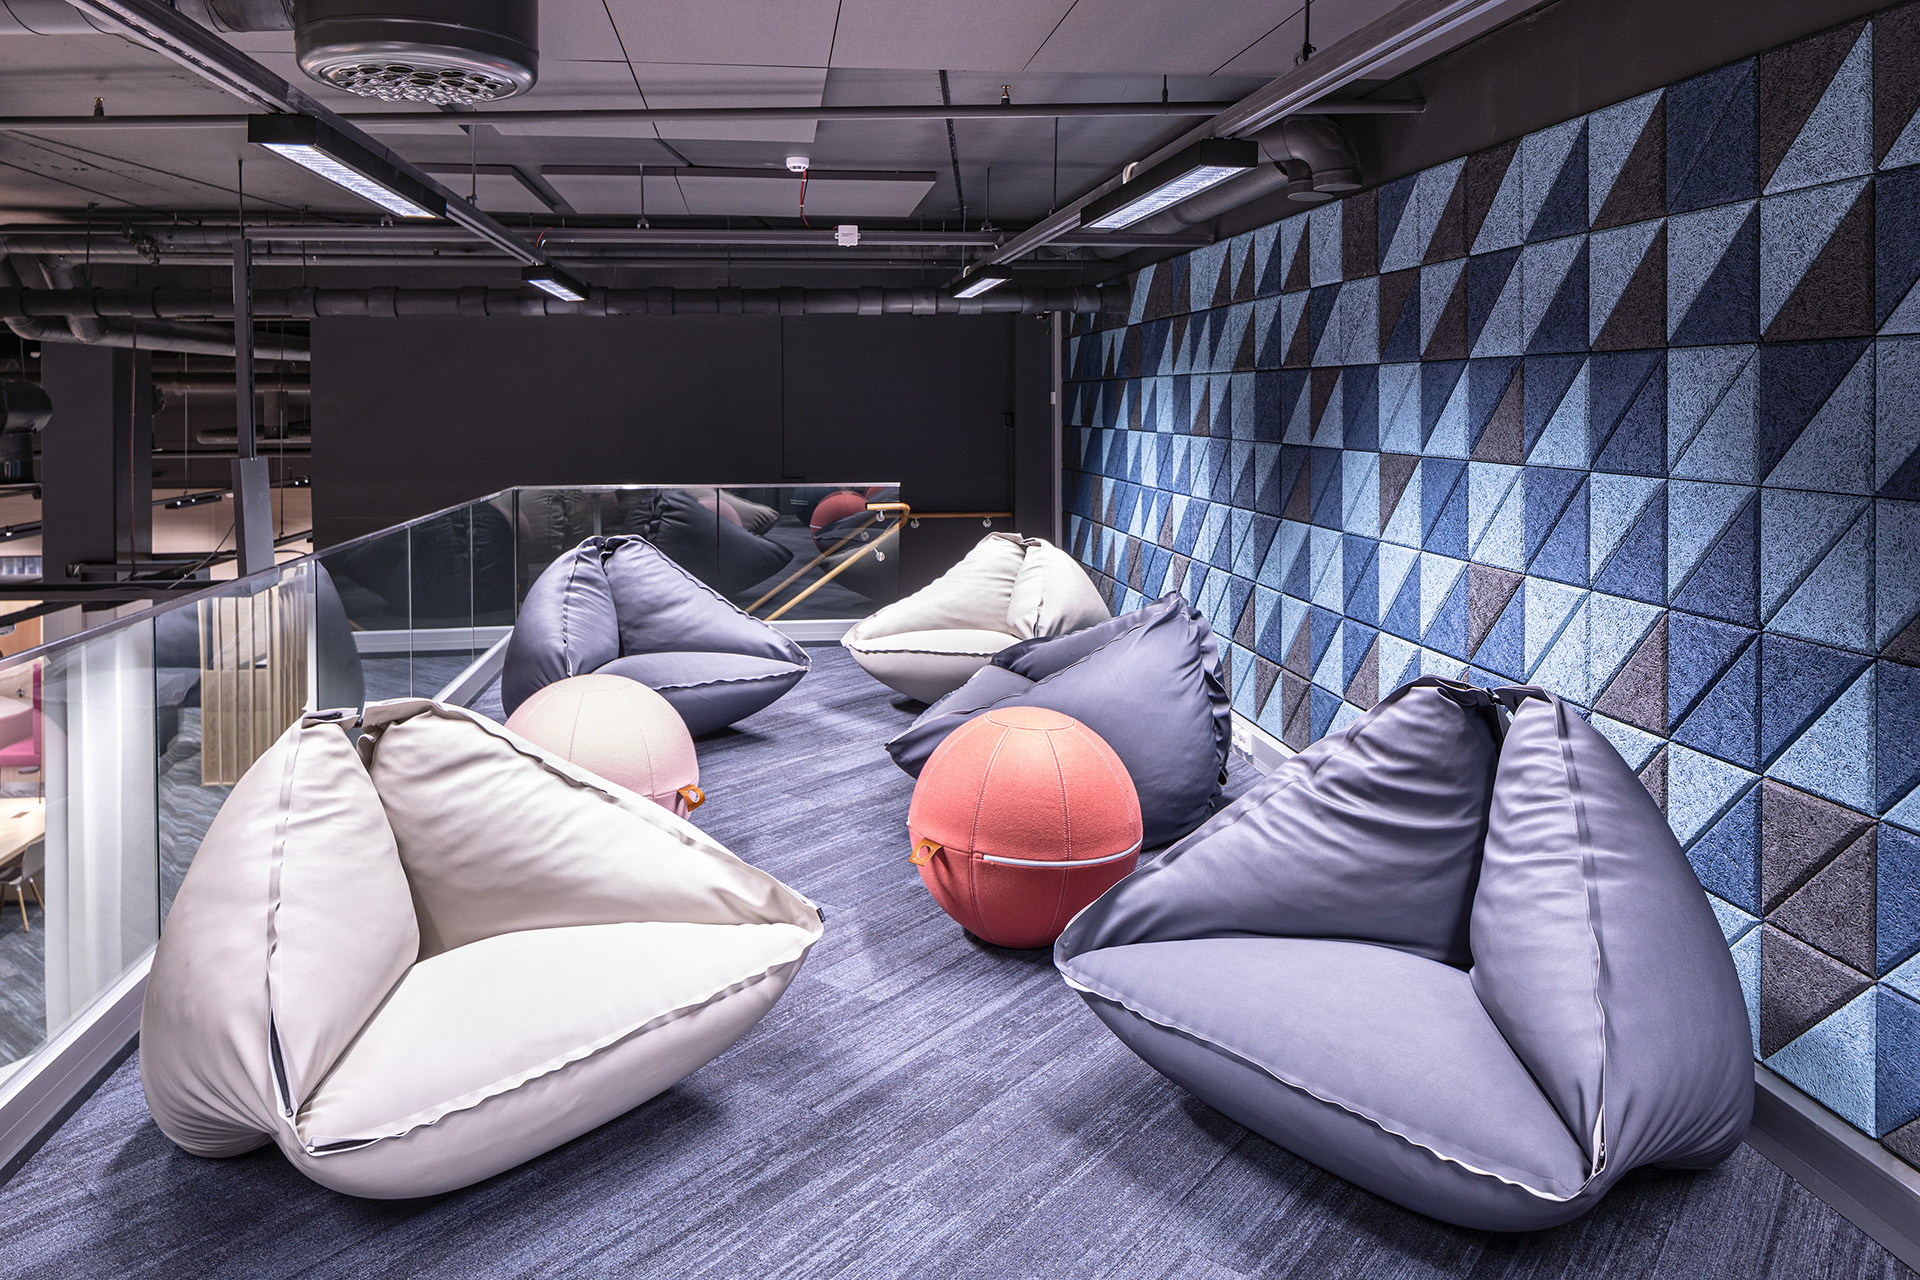 Sisustuarkkitehtitoimisto suunnitteli parvelle viihtyisän oleskelutilan opiskelijoille.